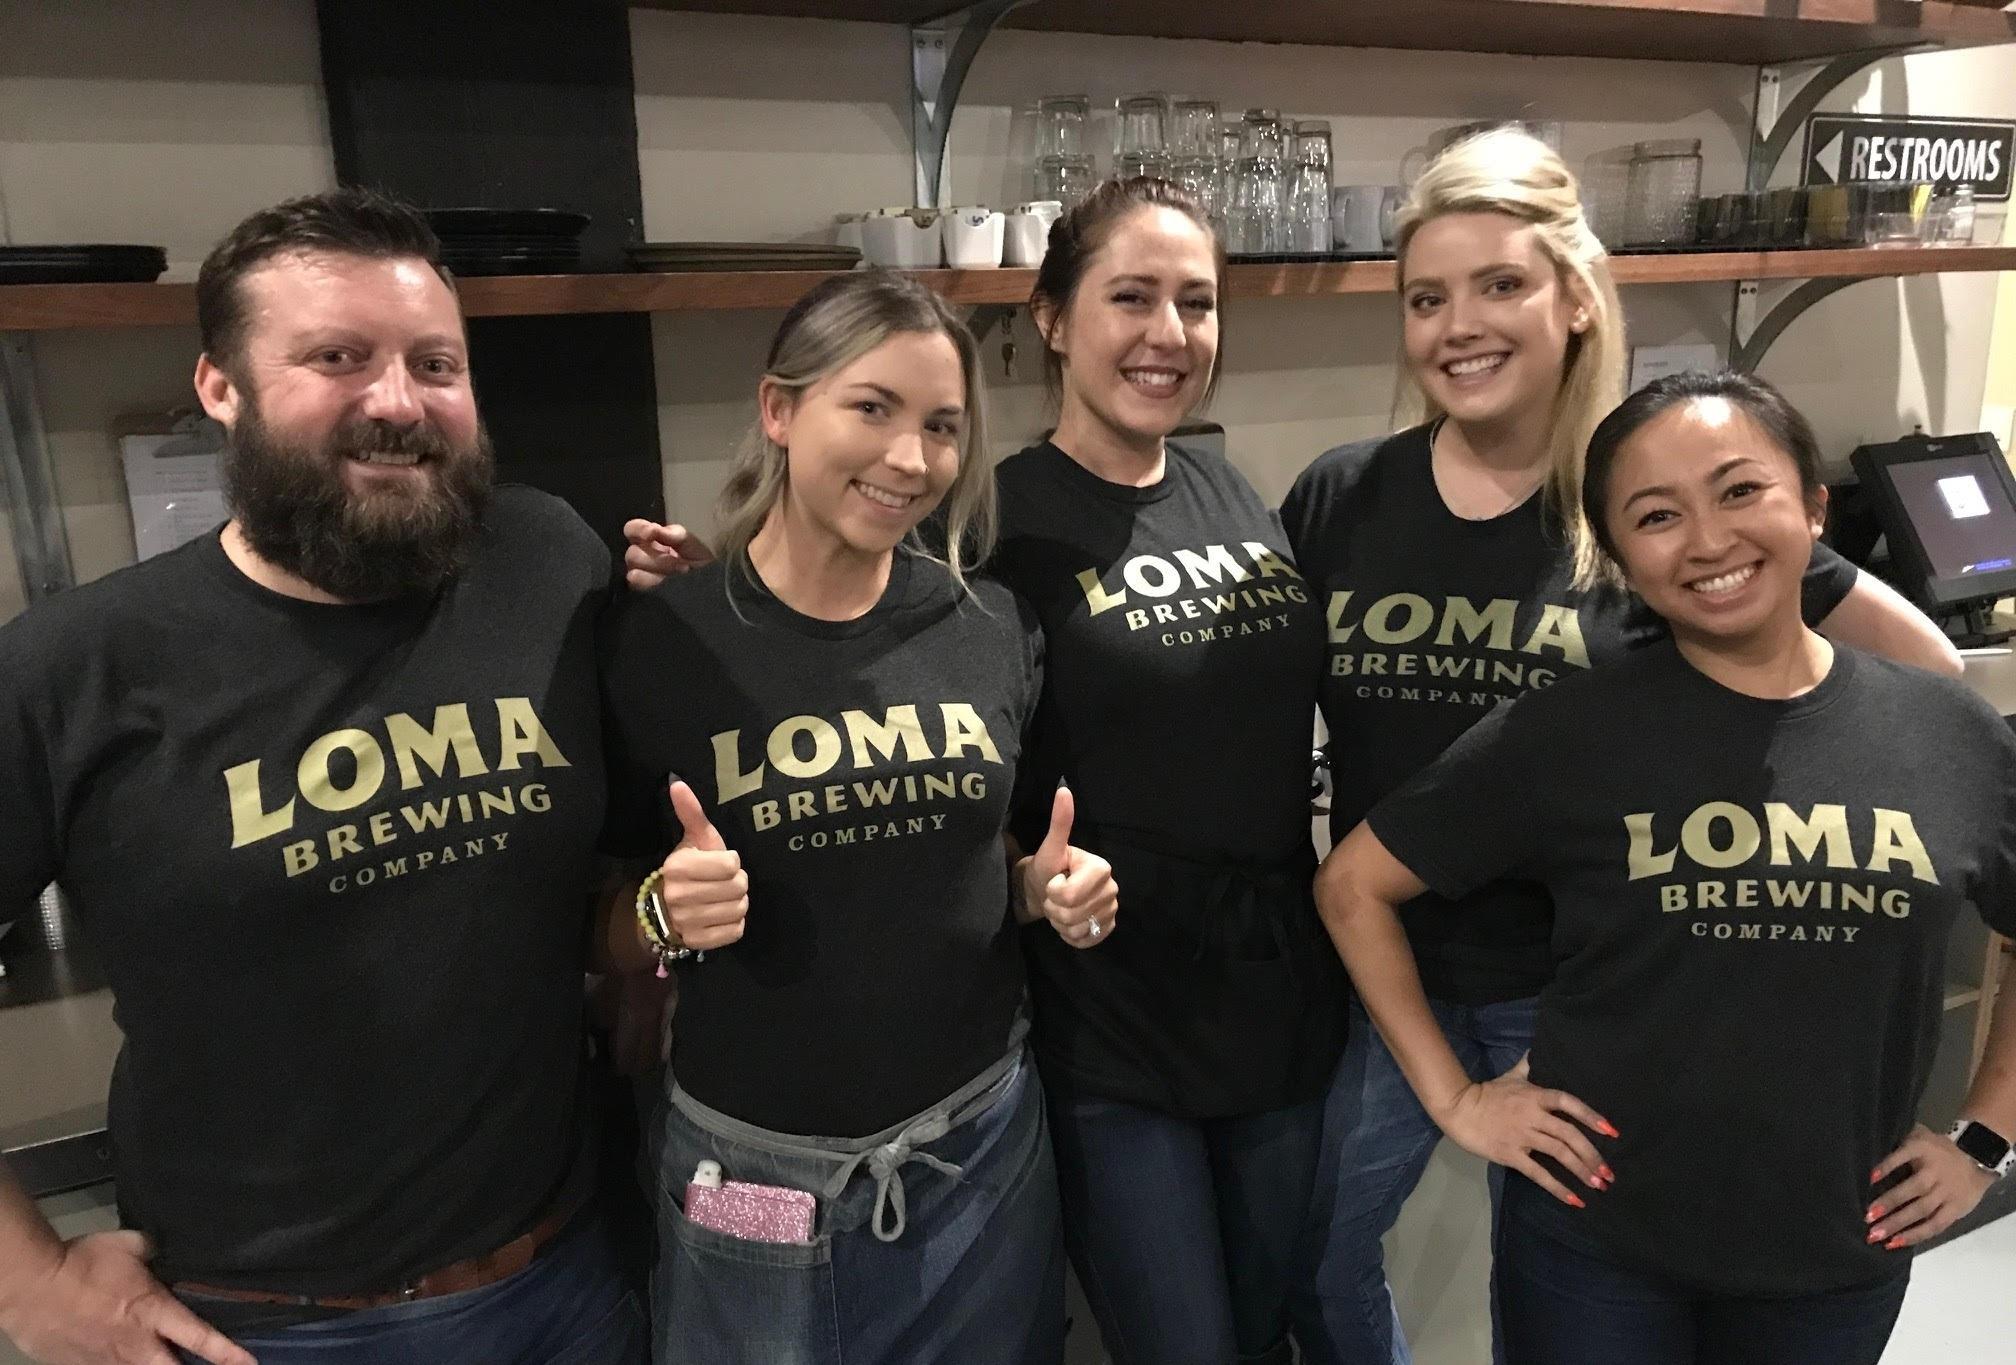 Craft breweries - Loma BrewingCamino Brewing CompanyHapas Brewing CompanyHighway 1 Brewing CompanySan Francisco Brewing CompanySanta Cruz Mountain Brewing